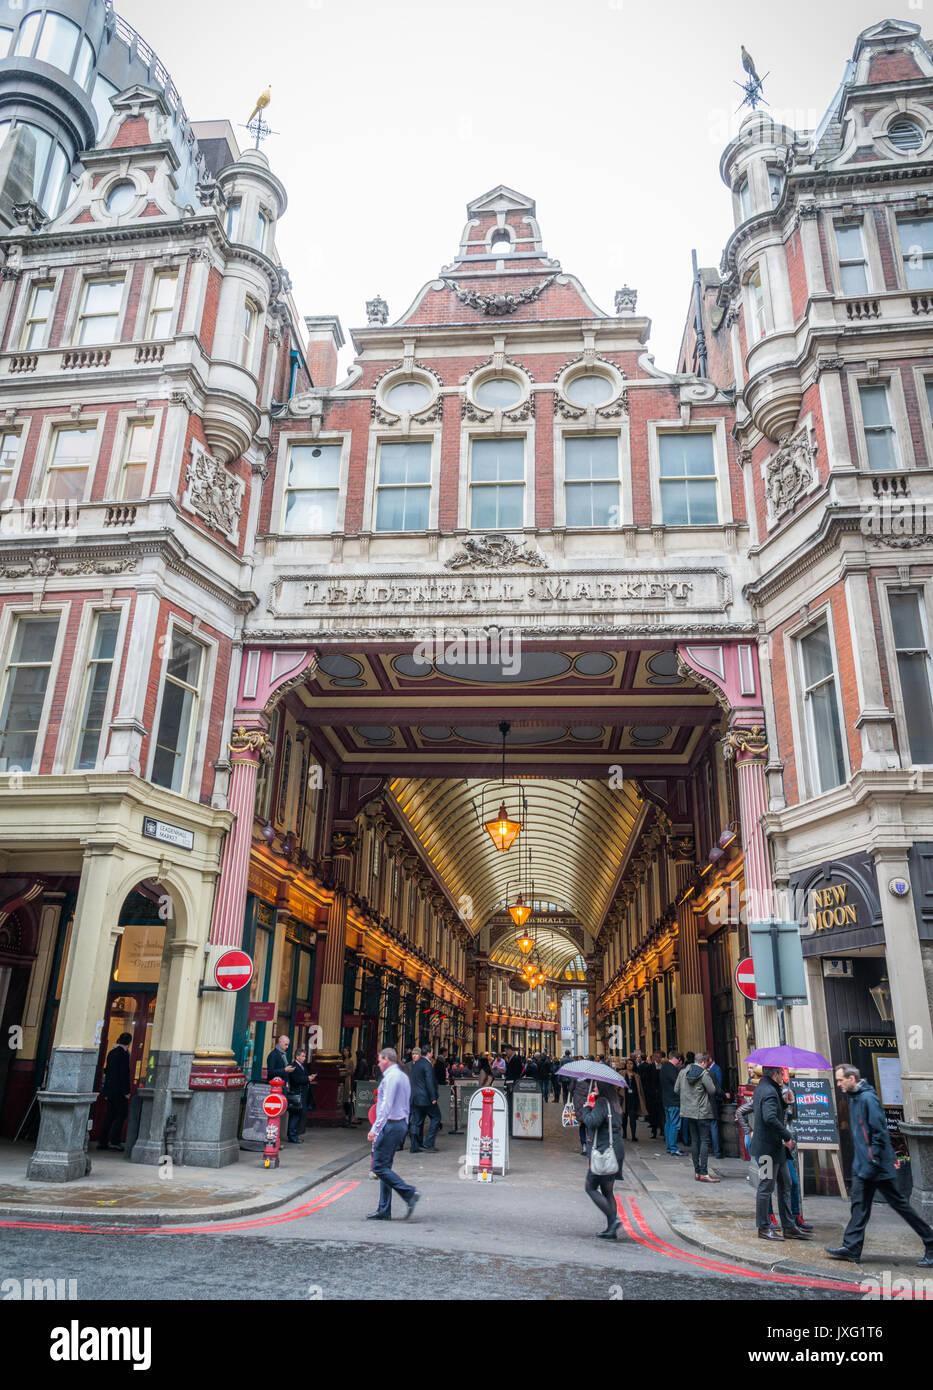 Leadenhall Market ist eine Markthalle in London, gelegen an der Gracechurch Street Stockbild